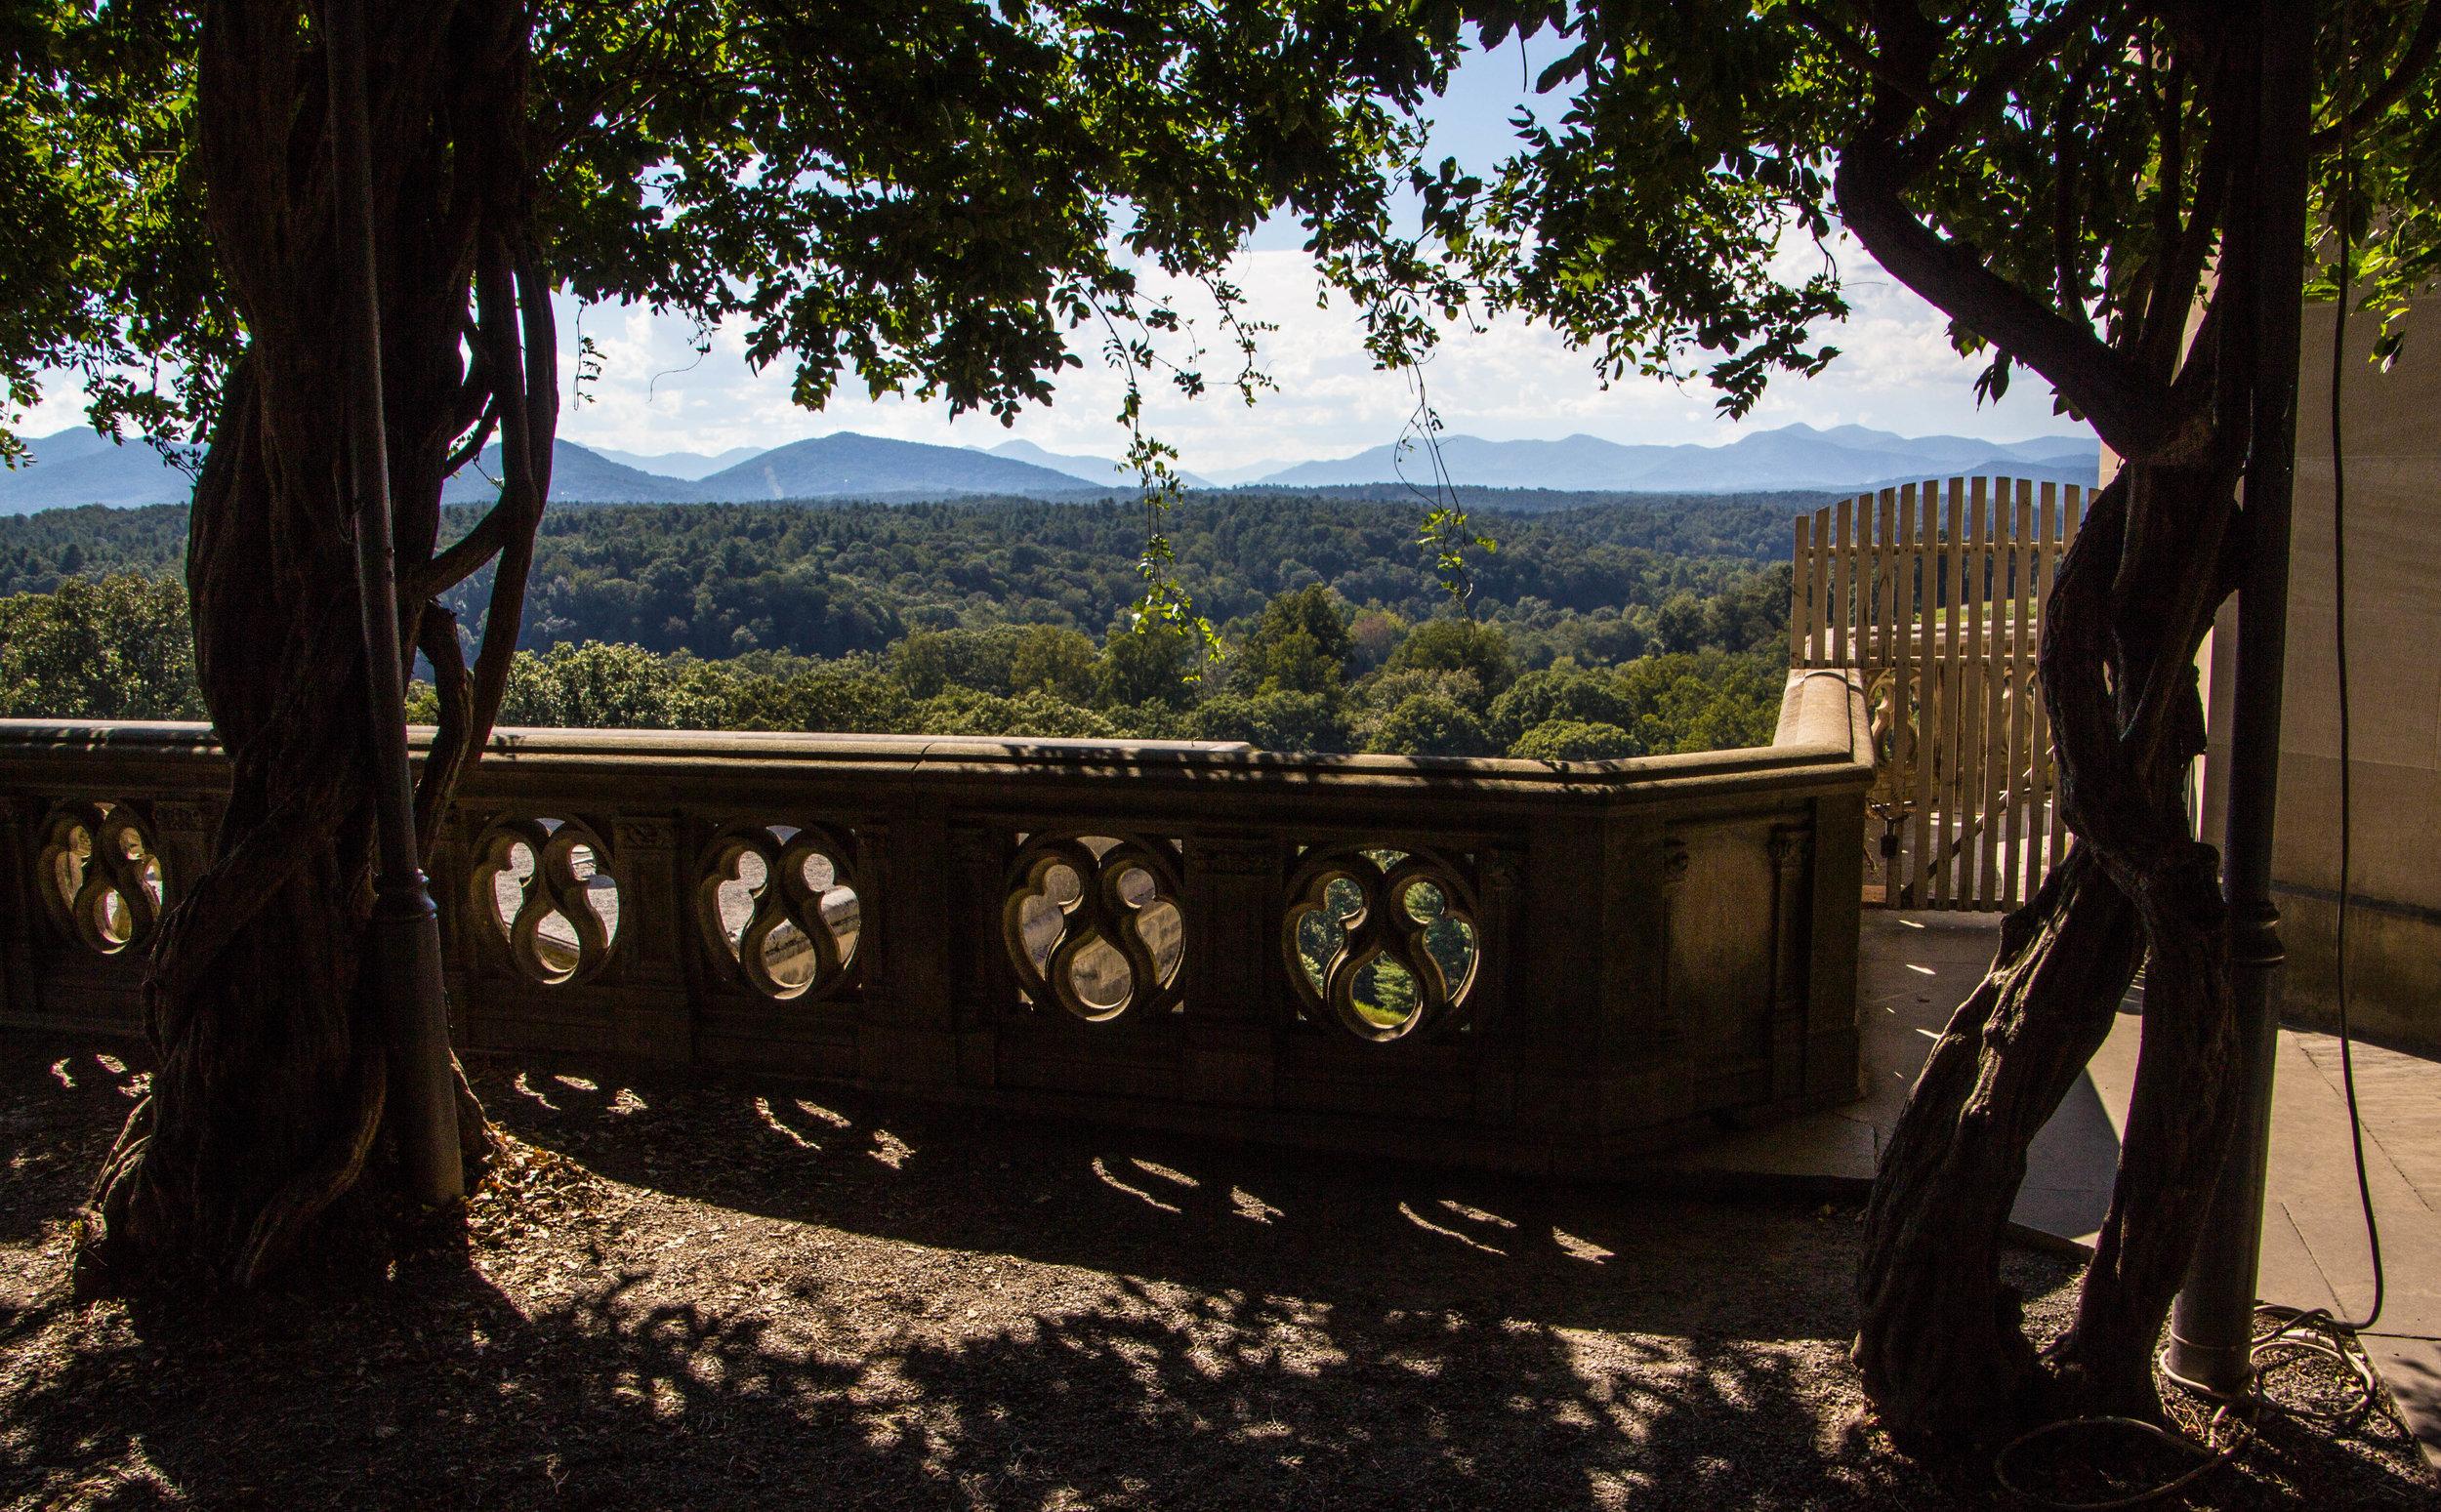 biltmore-mansion-grounds-asheville-71.jpg